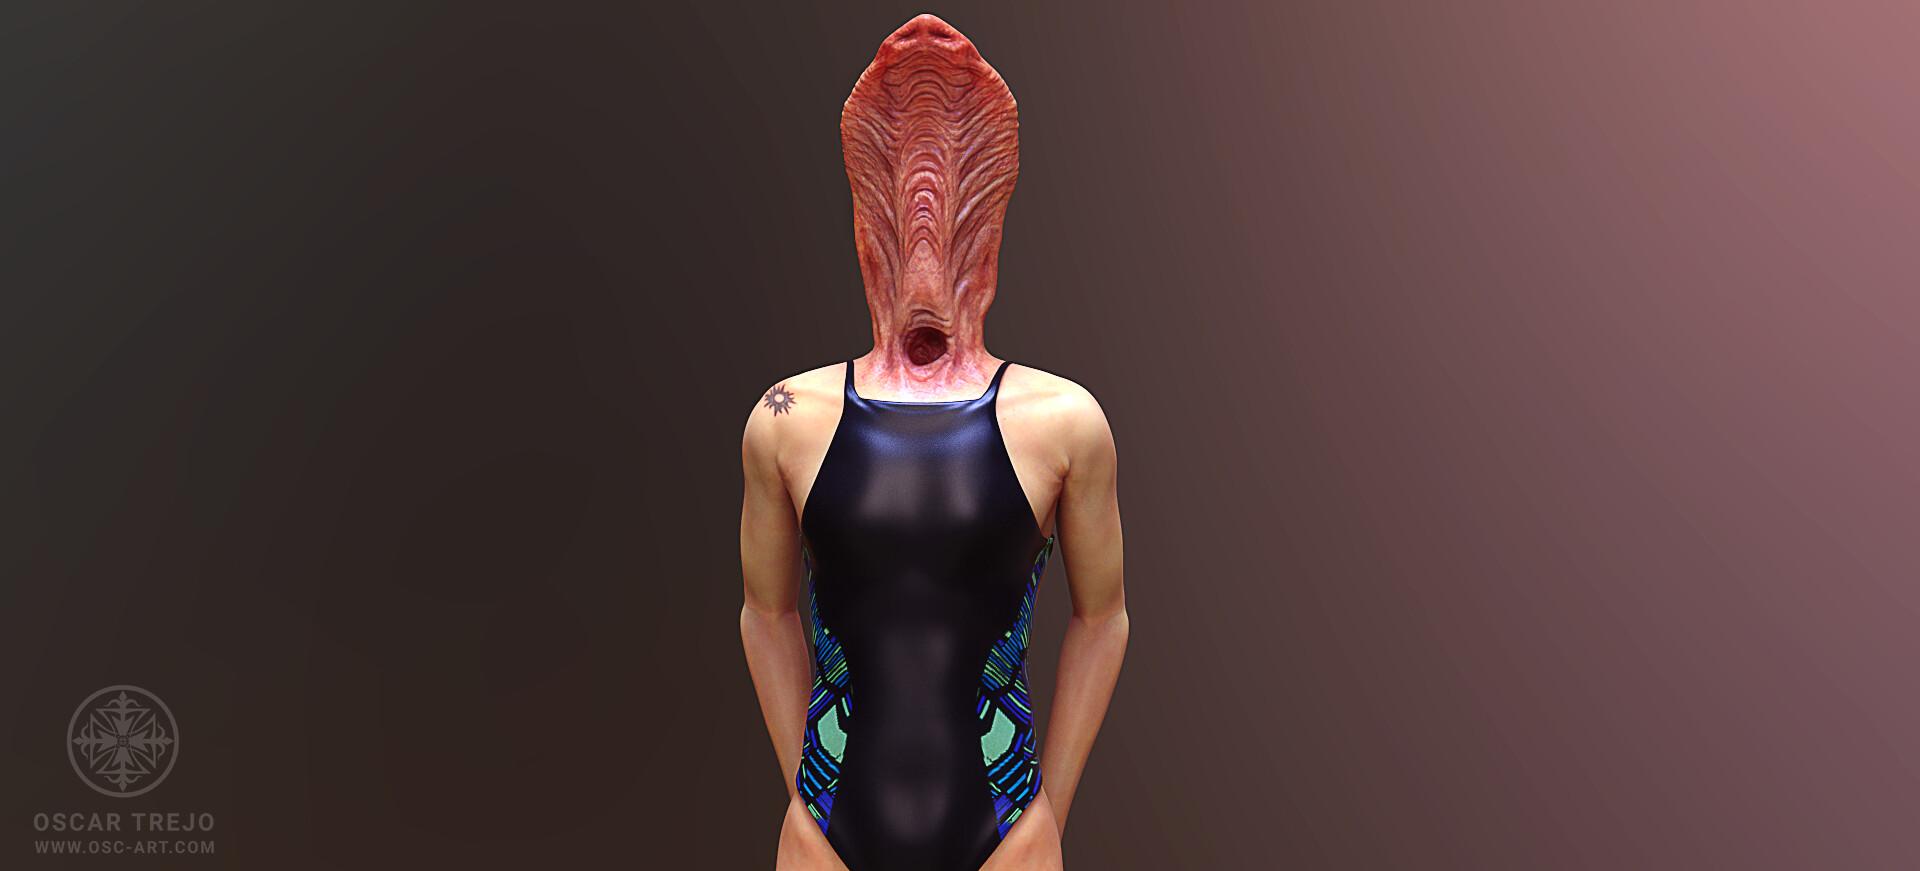 Oscar trejo swimmer4